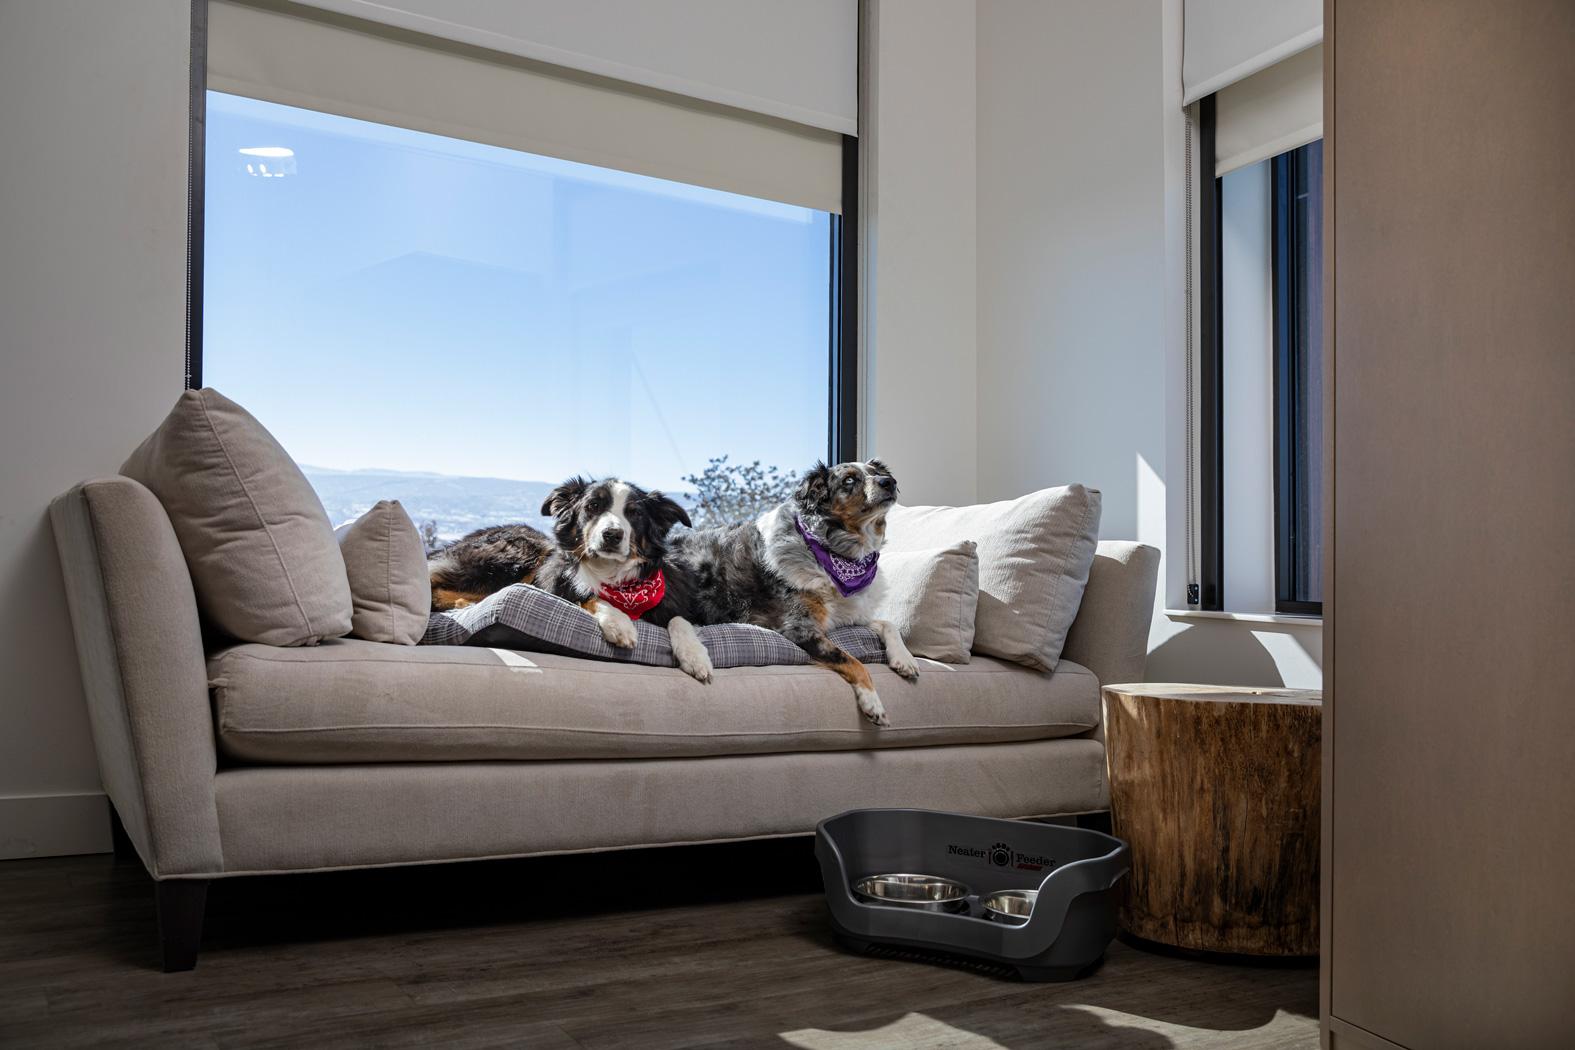 The Hotel Maverick Dog Friendly Courtsey Photo